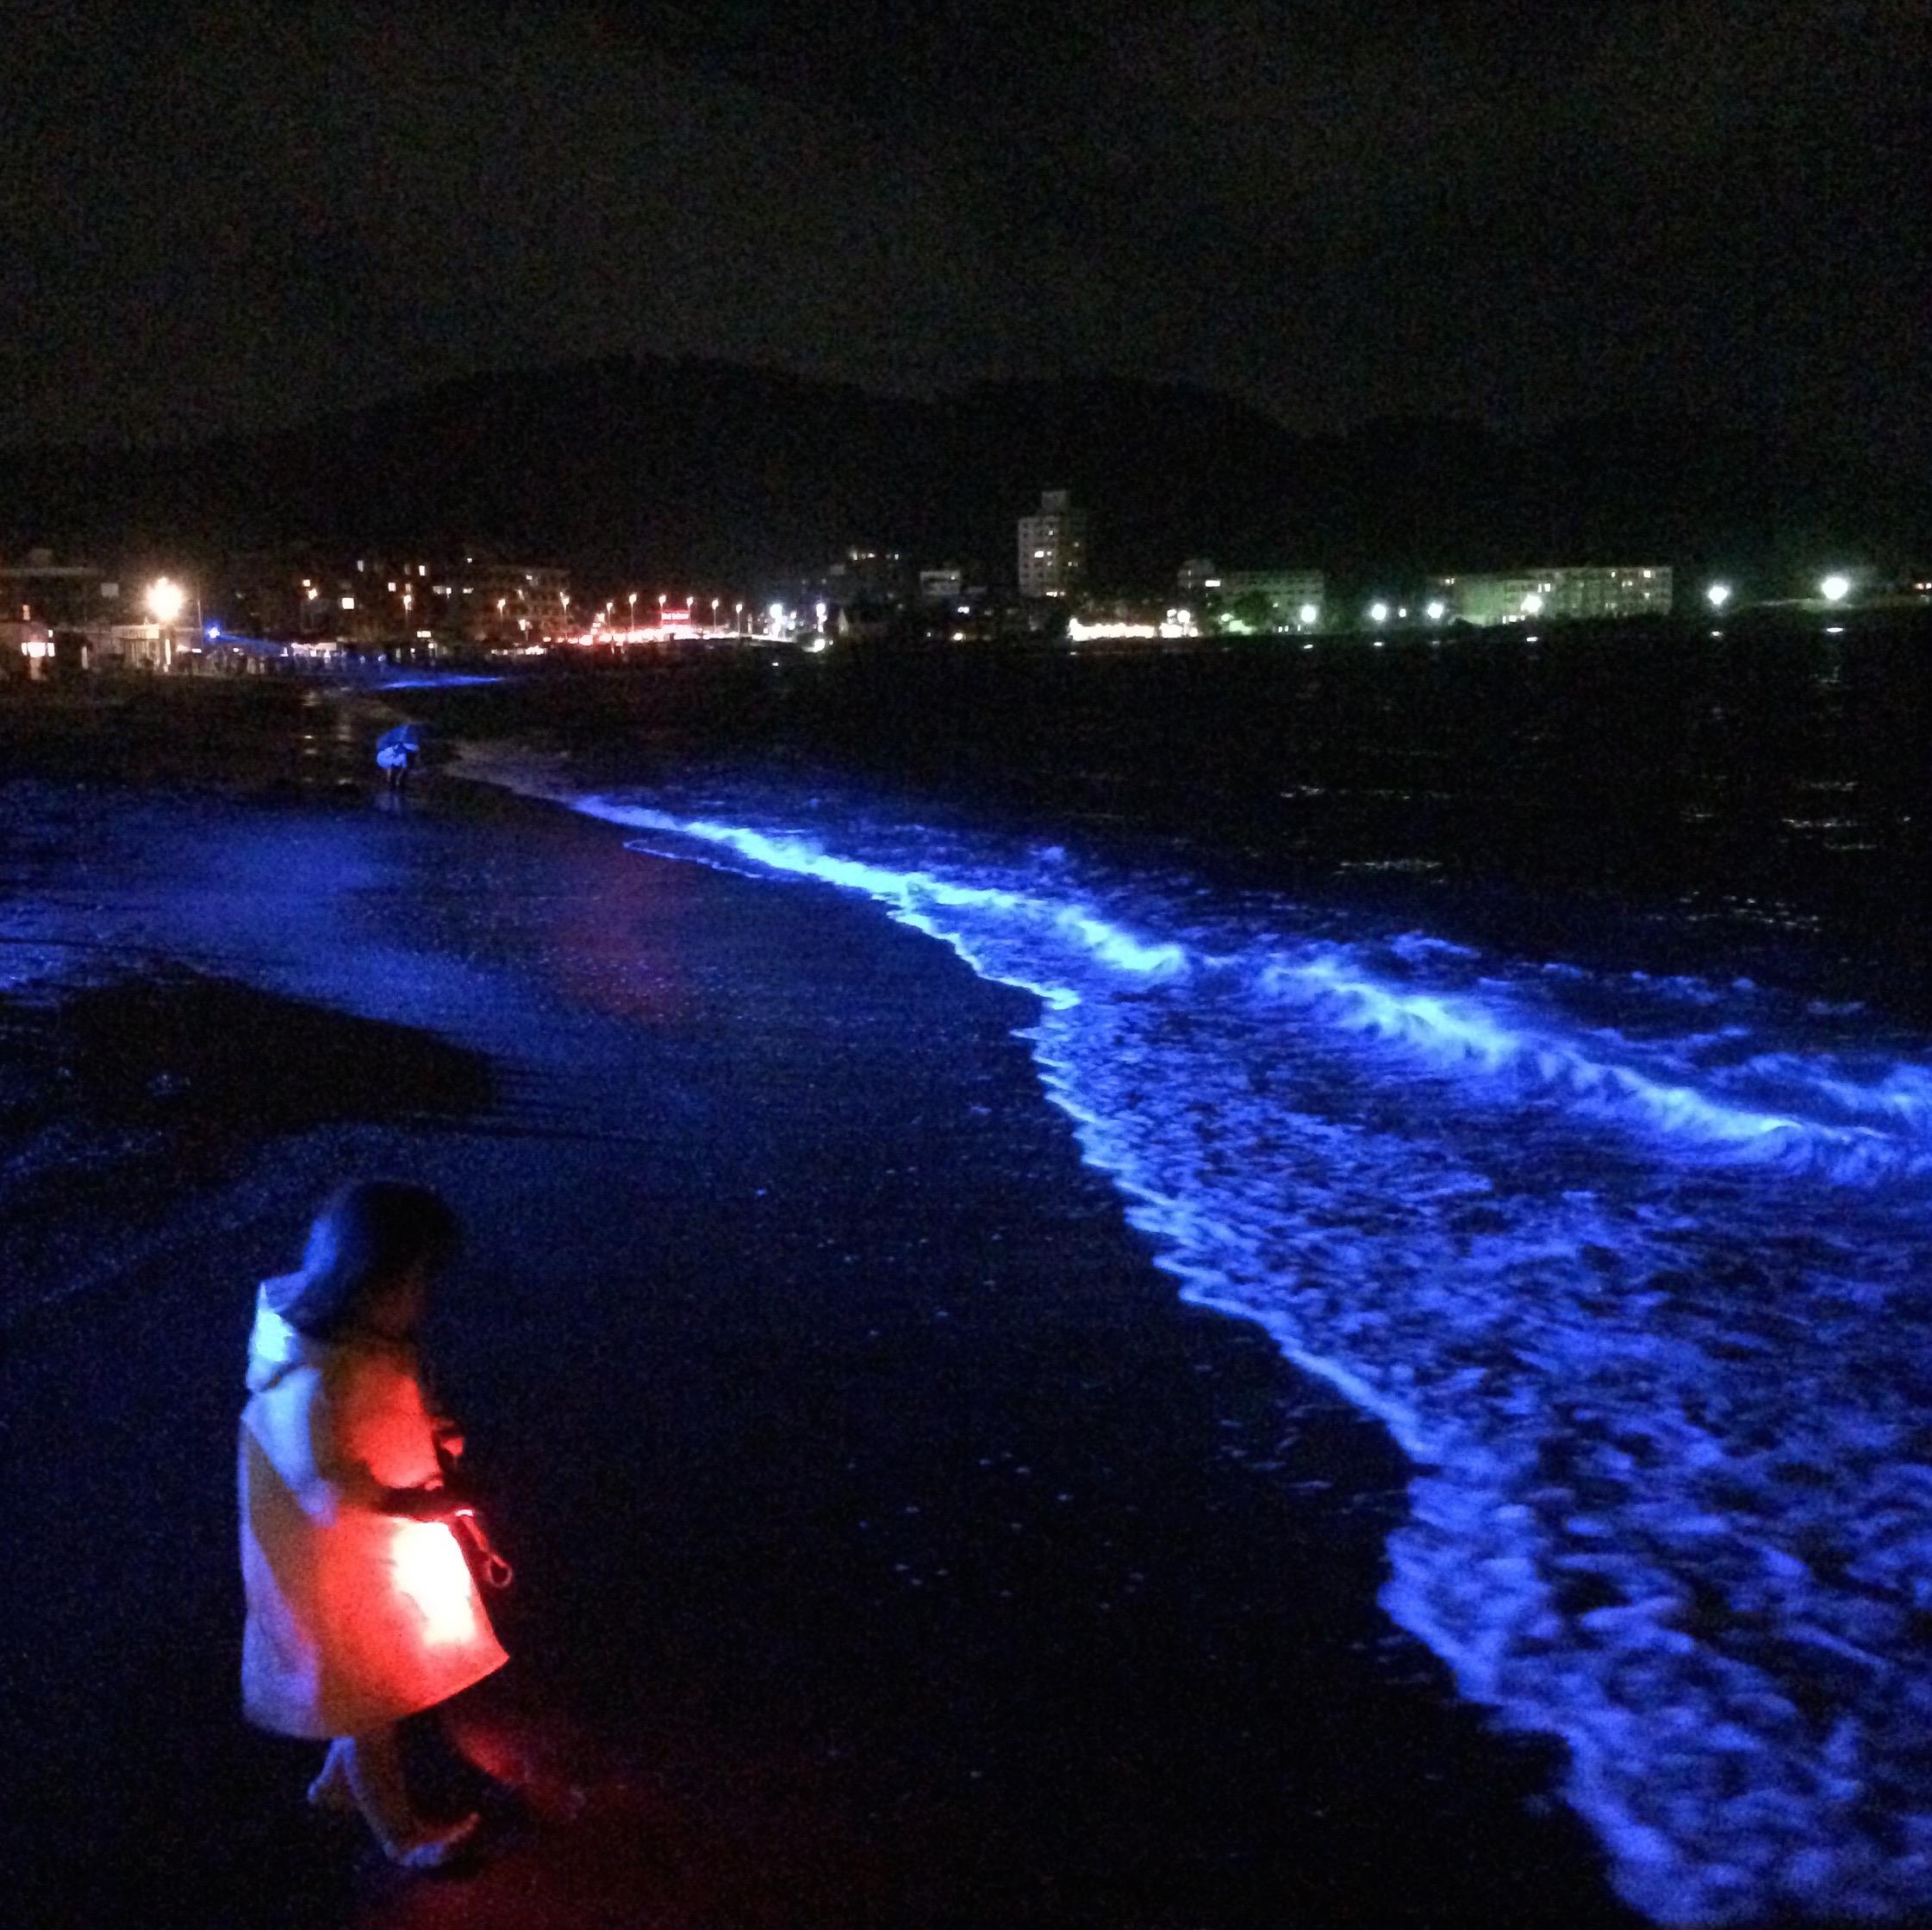 'NIGHT WAVE' でファンタスティックな逗子海岸